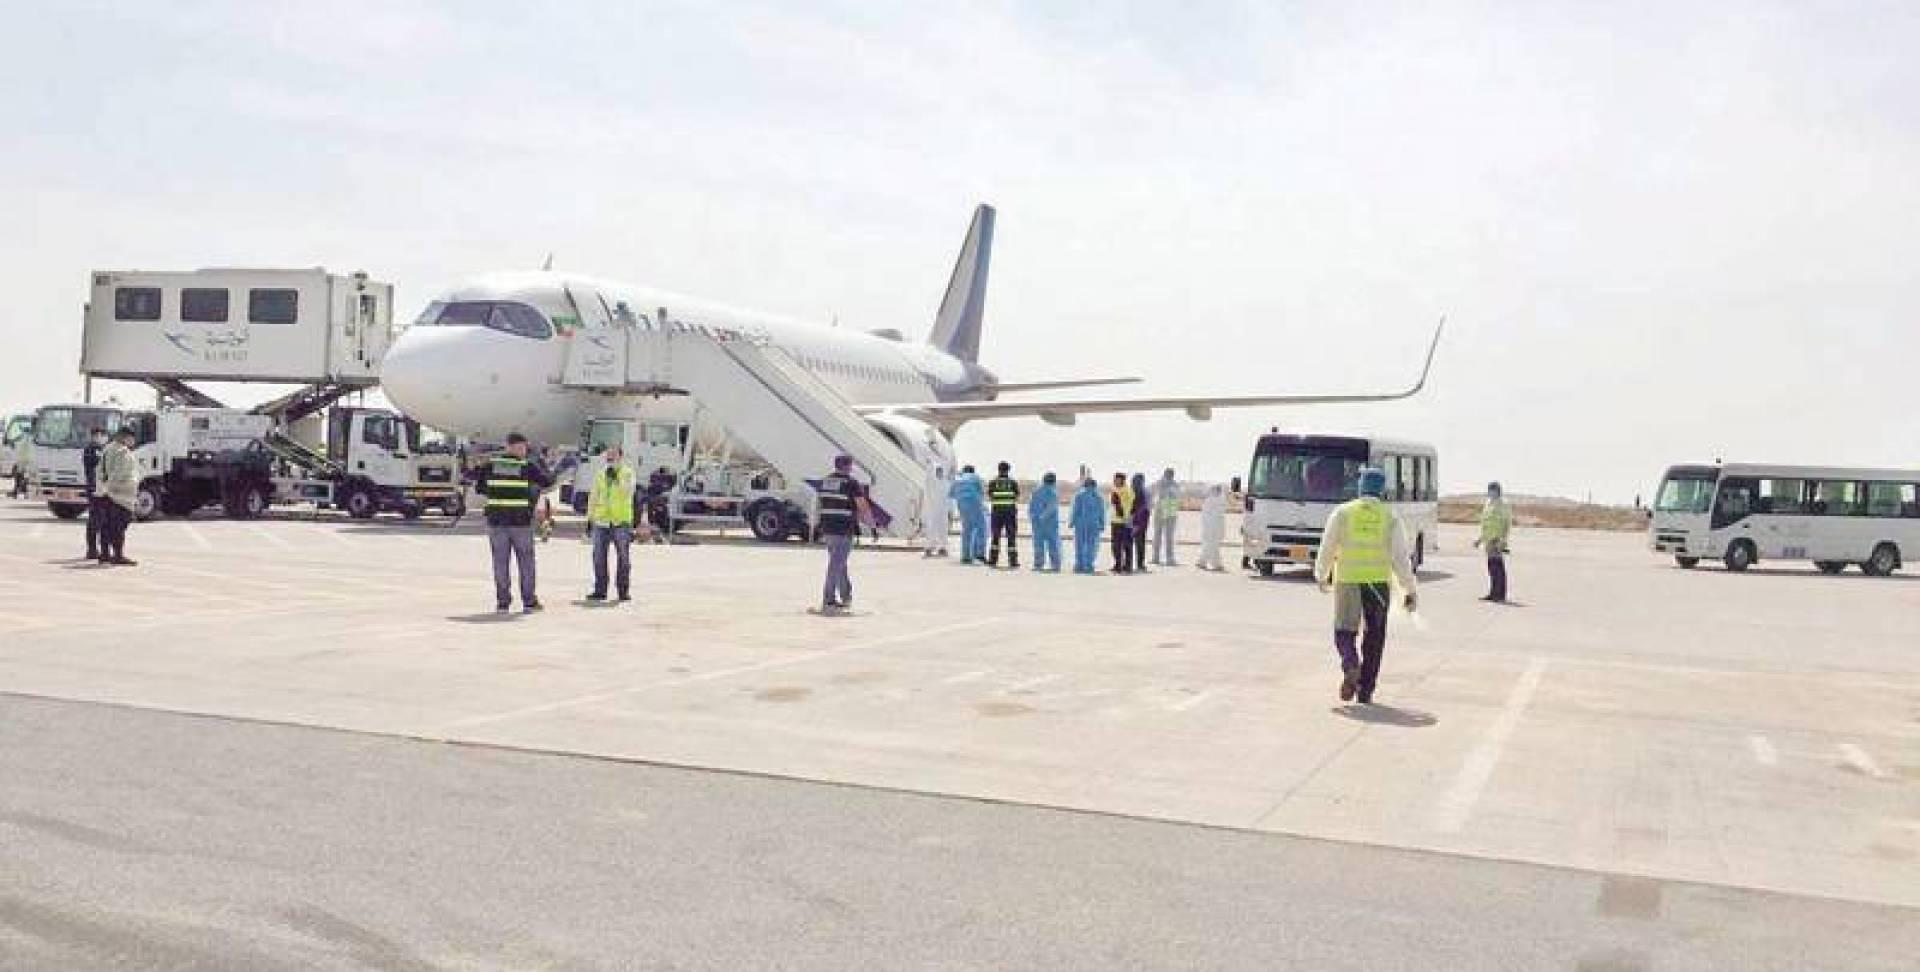 الطائرة عقب هبوطها في المطار